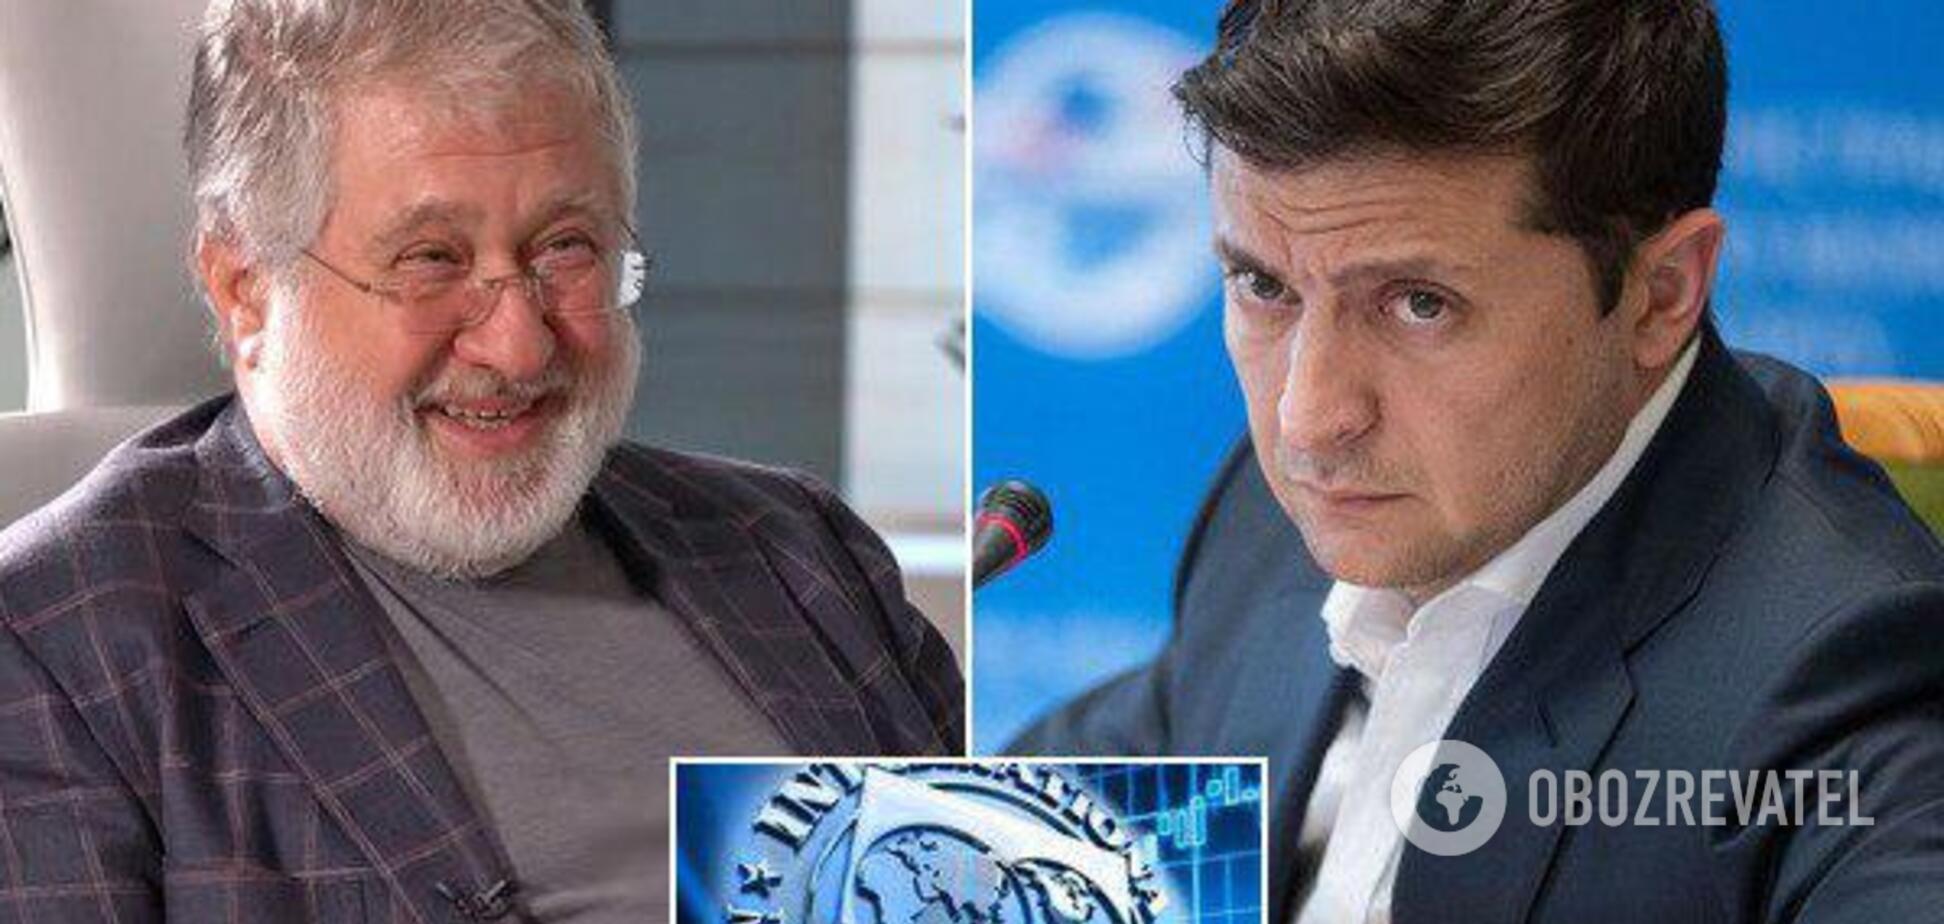 Переговоры Киева с МВФ заморозились из-за Коломойского – НБУ